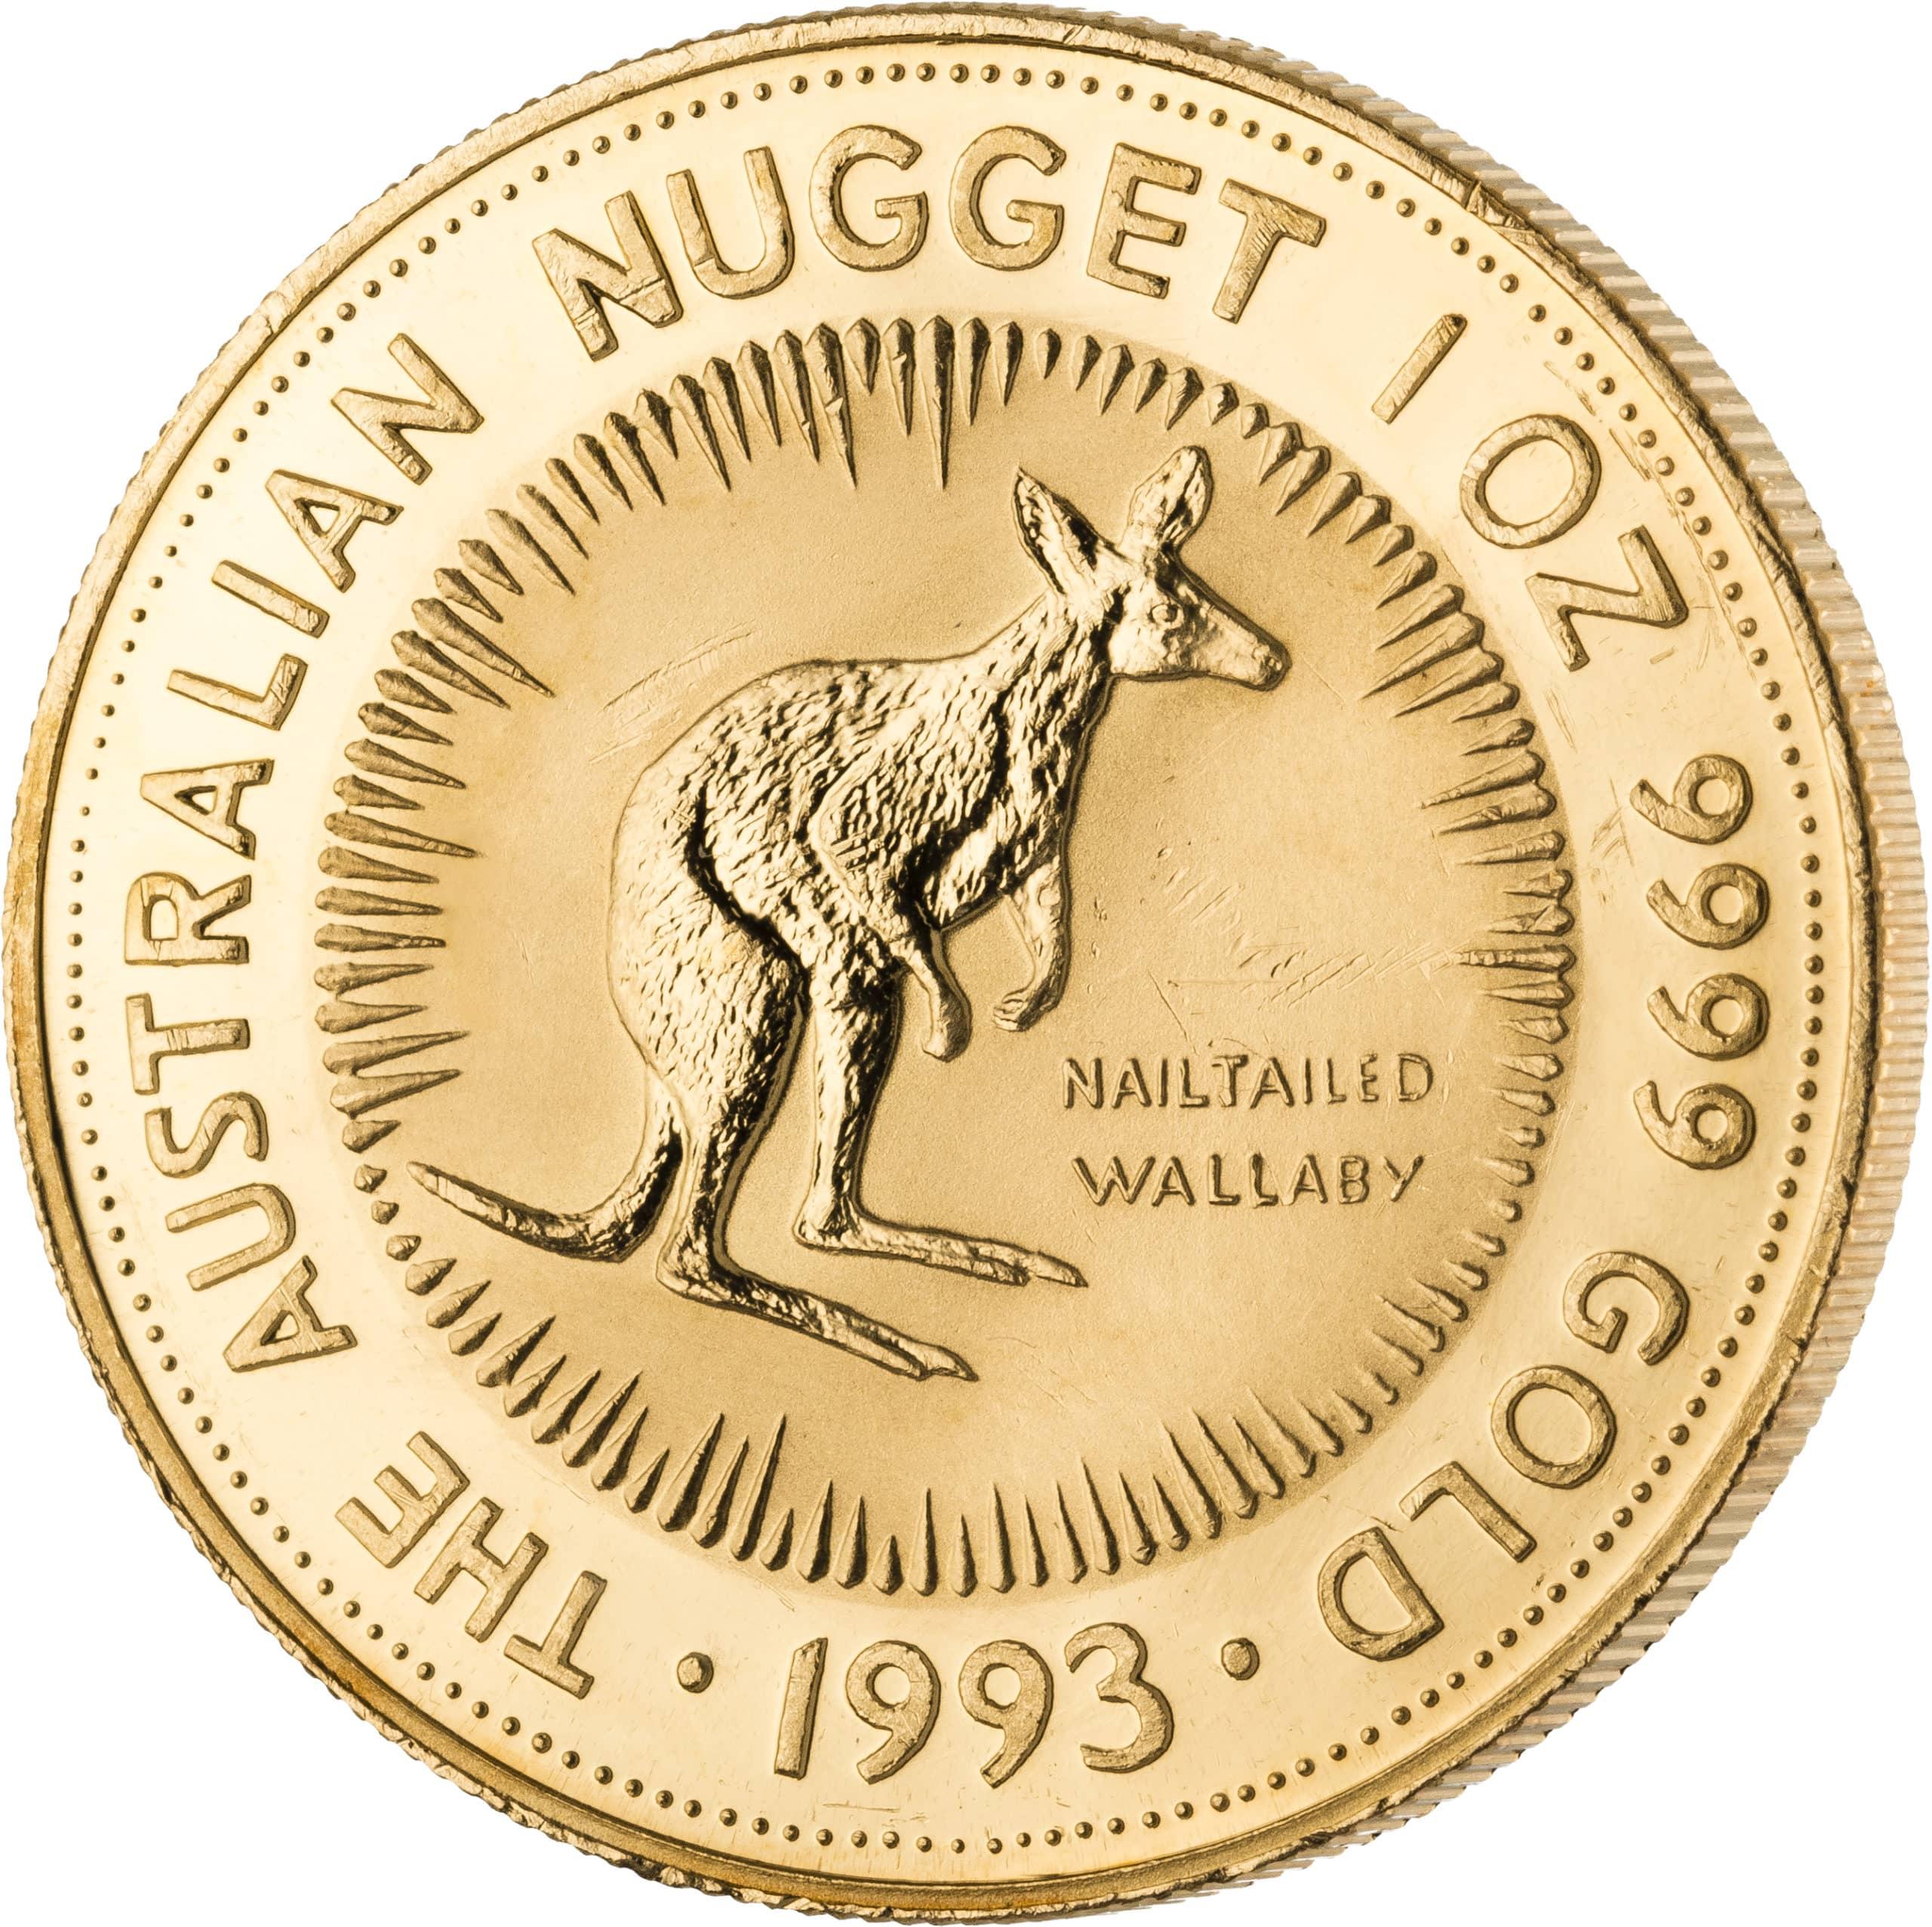 1 Unze Australian Nugget Goldmünze Vorderseite